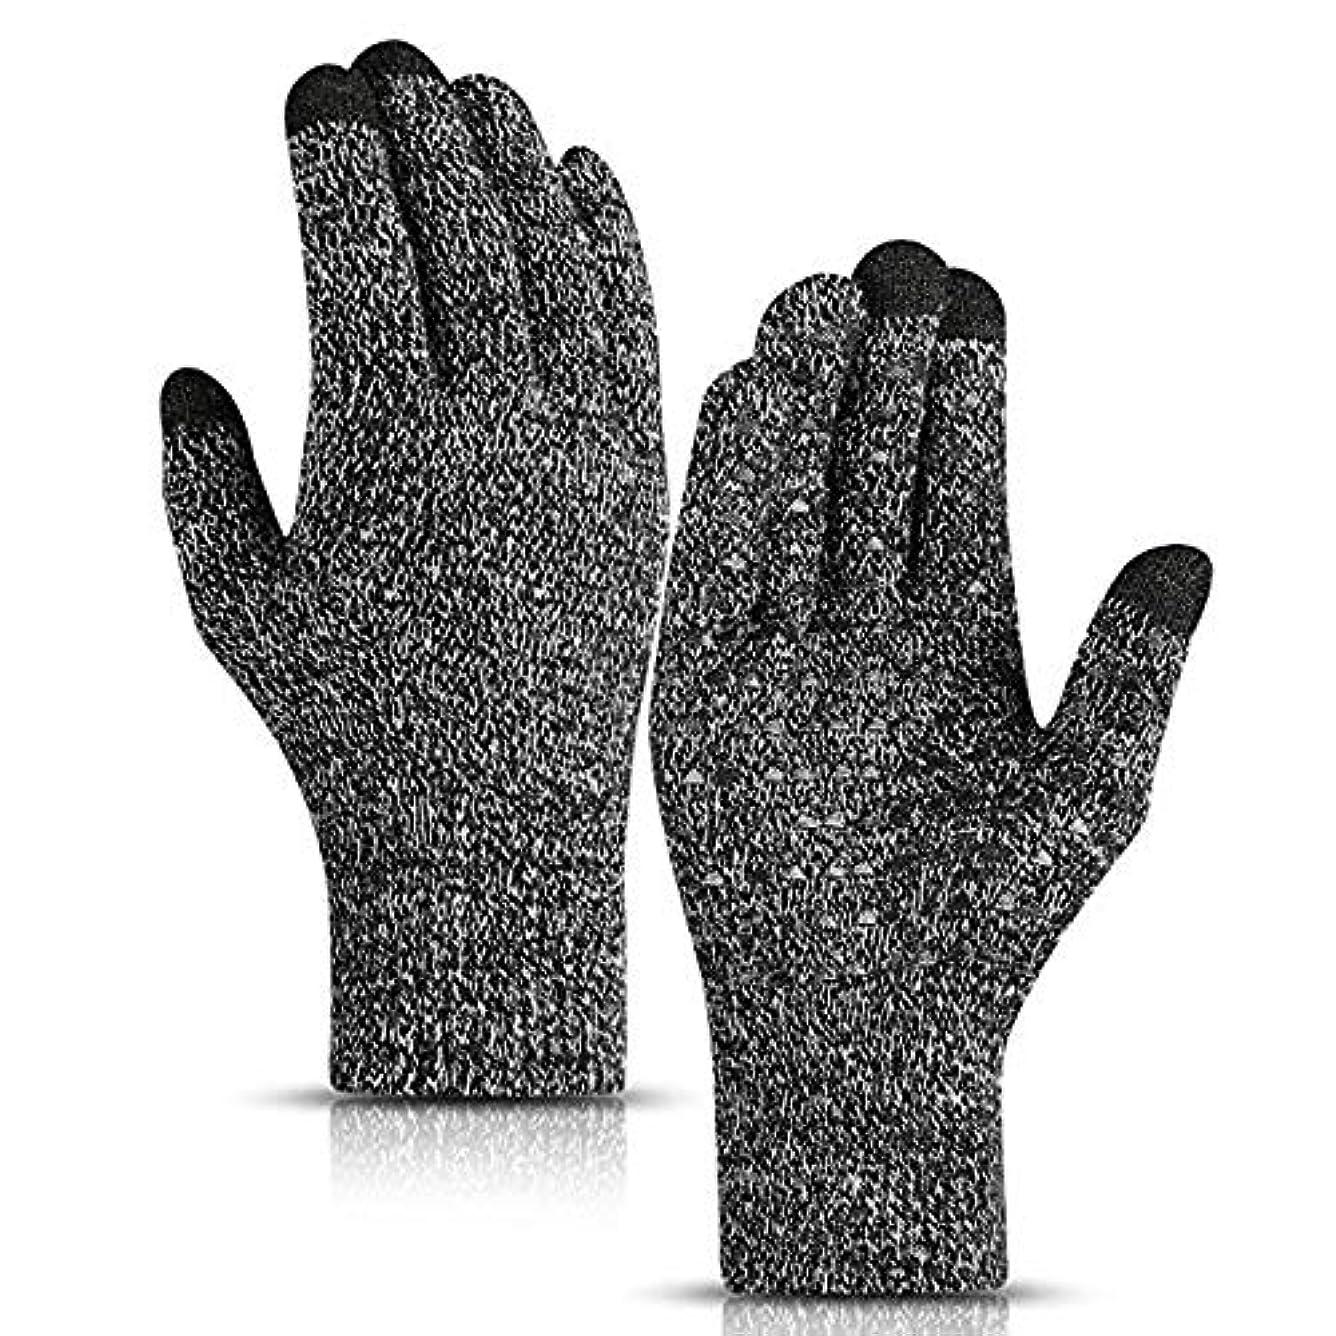 クラフト阻害する肺男性と女性のための冬の手袋 - サーマルソフトウールライニング-Stretchy素材ニット - タッチスクリーンアンチスリップシリコーンゲル - 伸縮性カフ